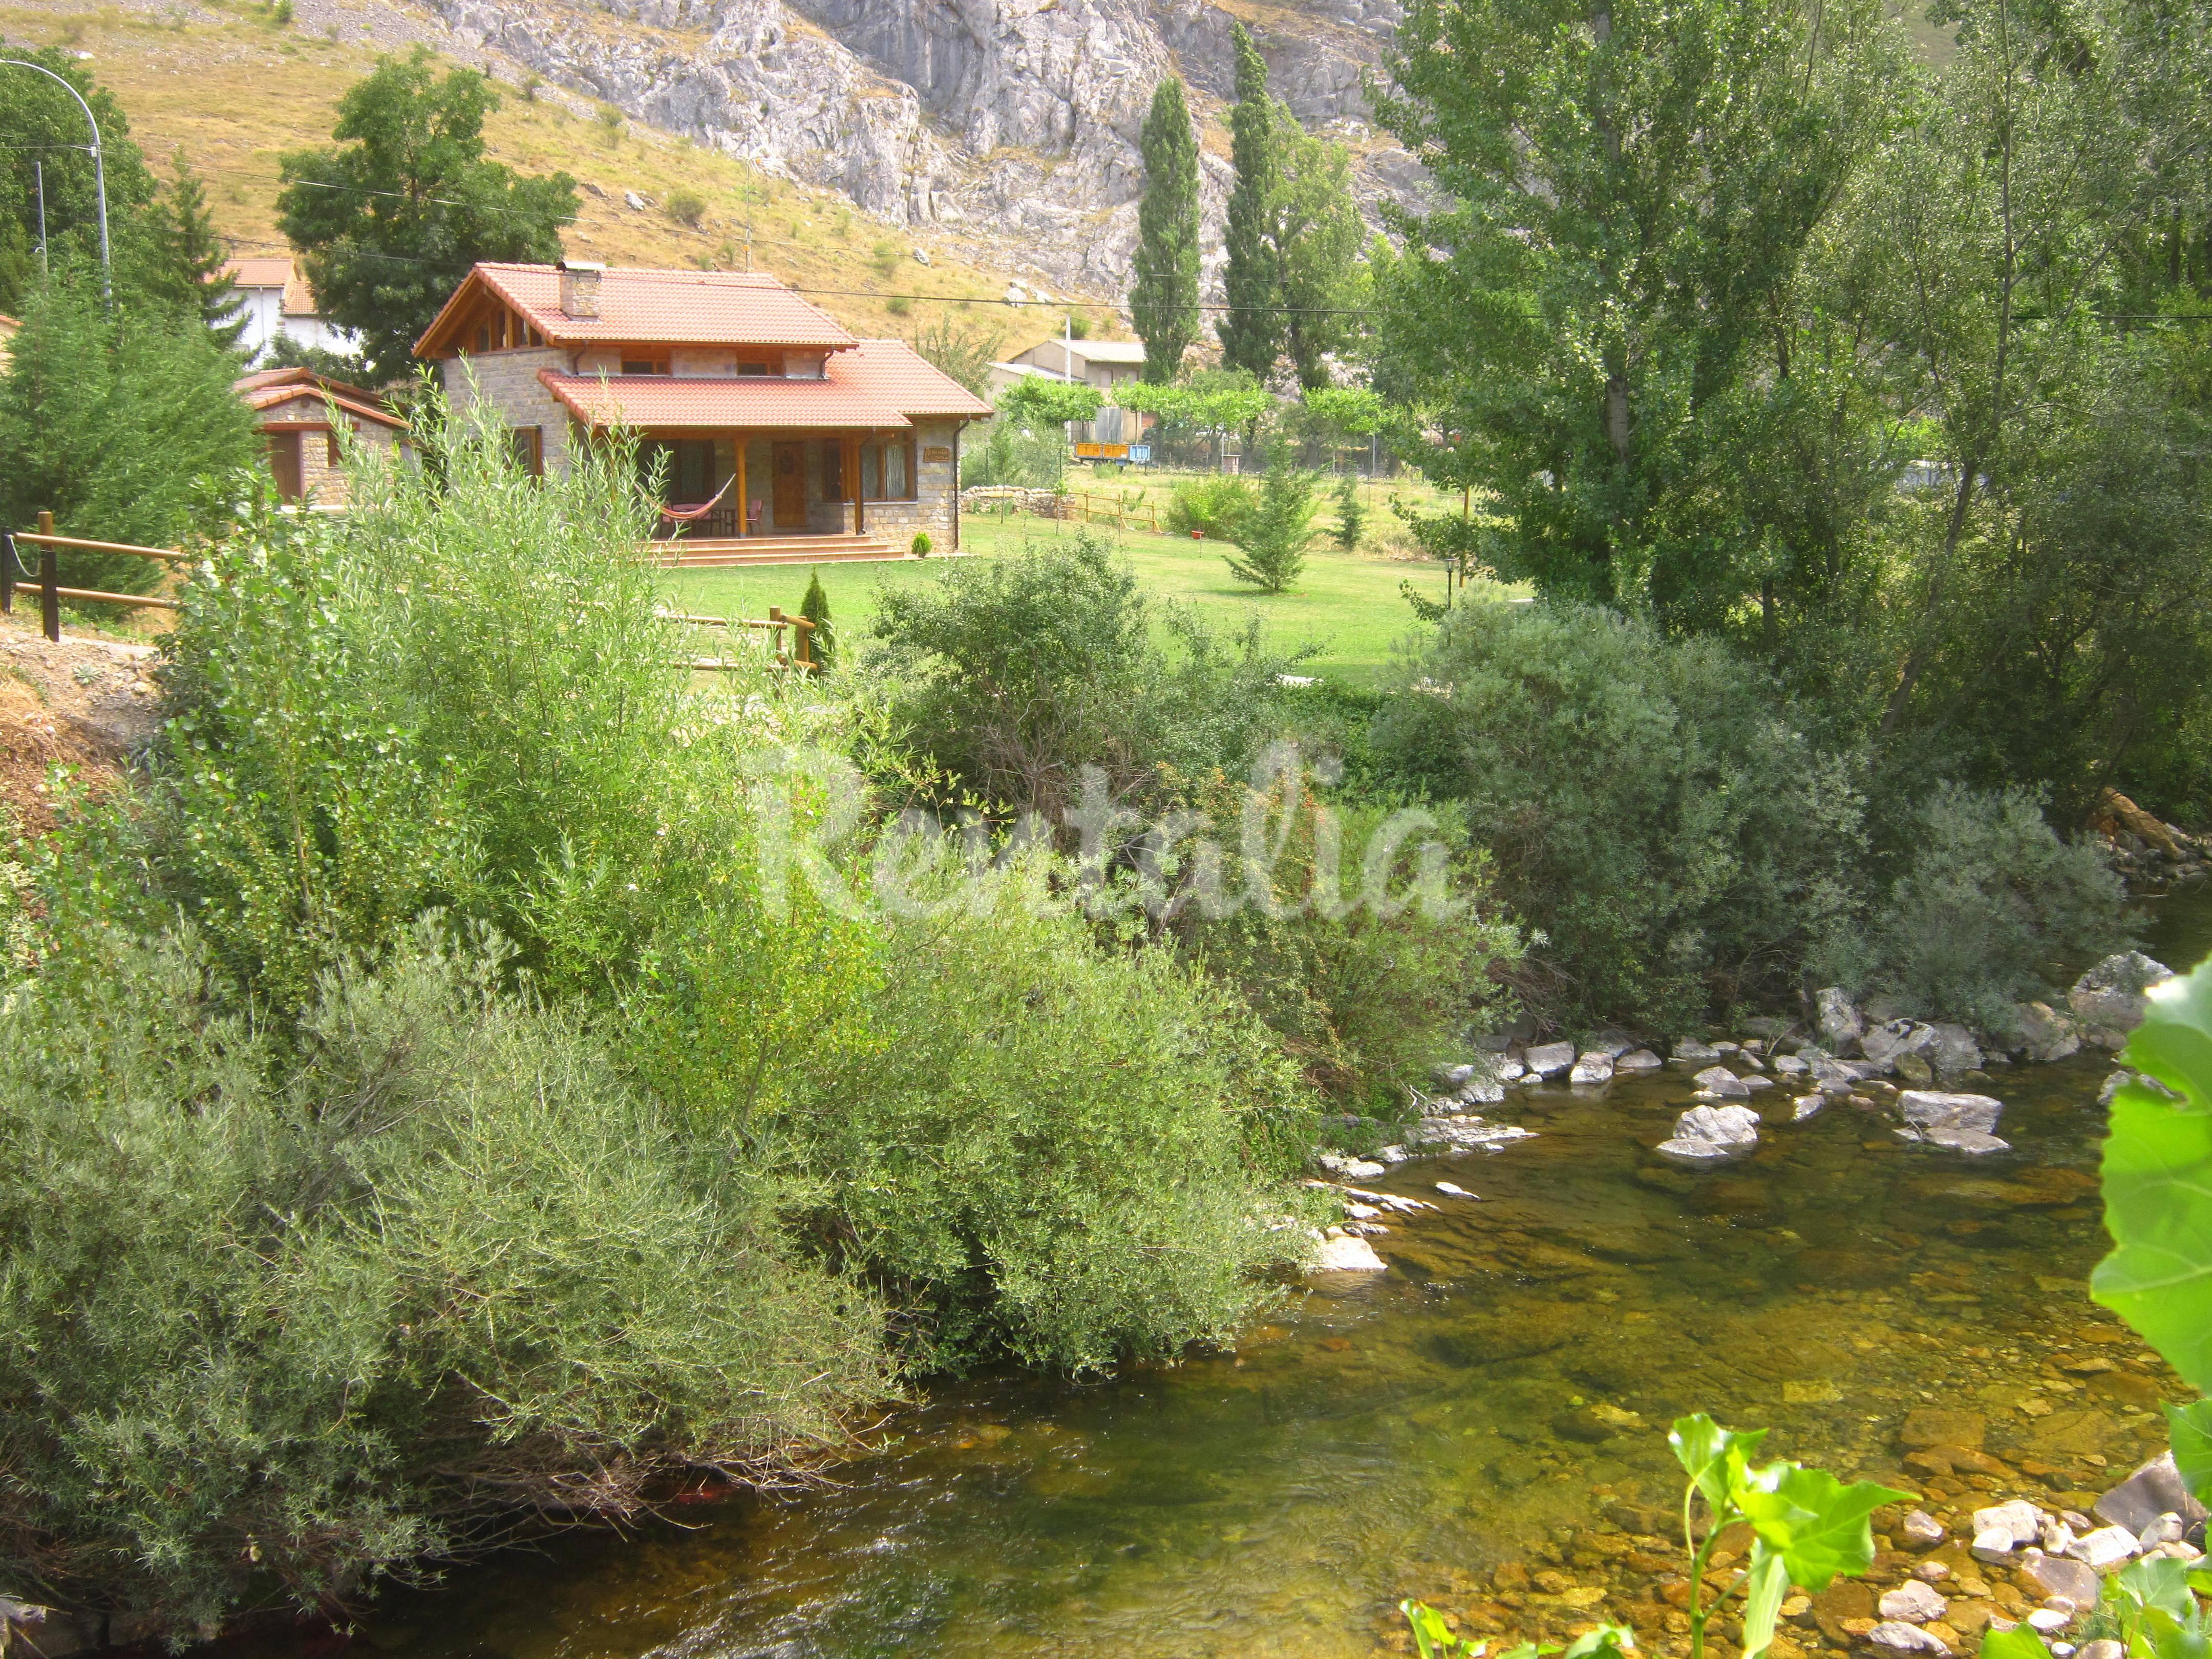 Casa en alquiler con jard n privado montuerto for Casa con jardin barcelona alquiler